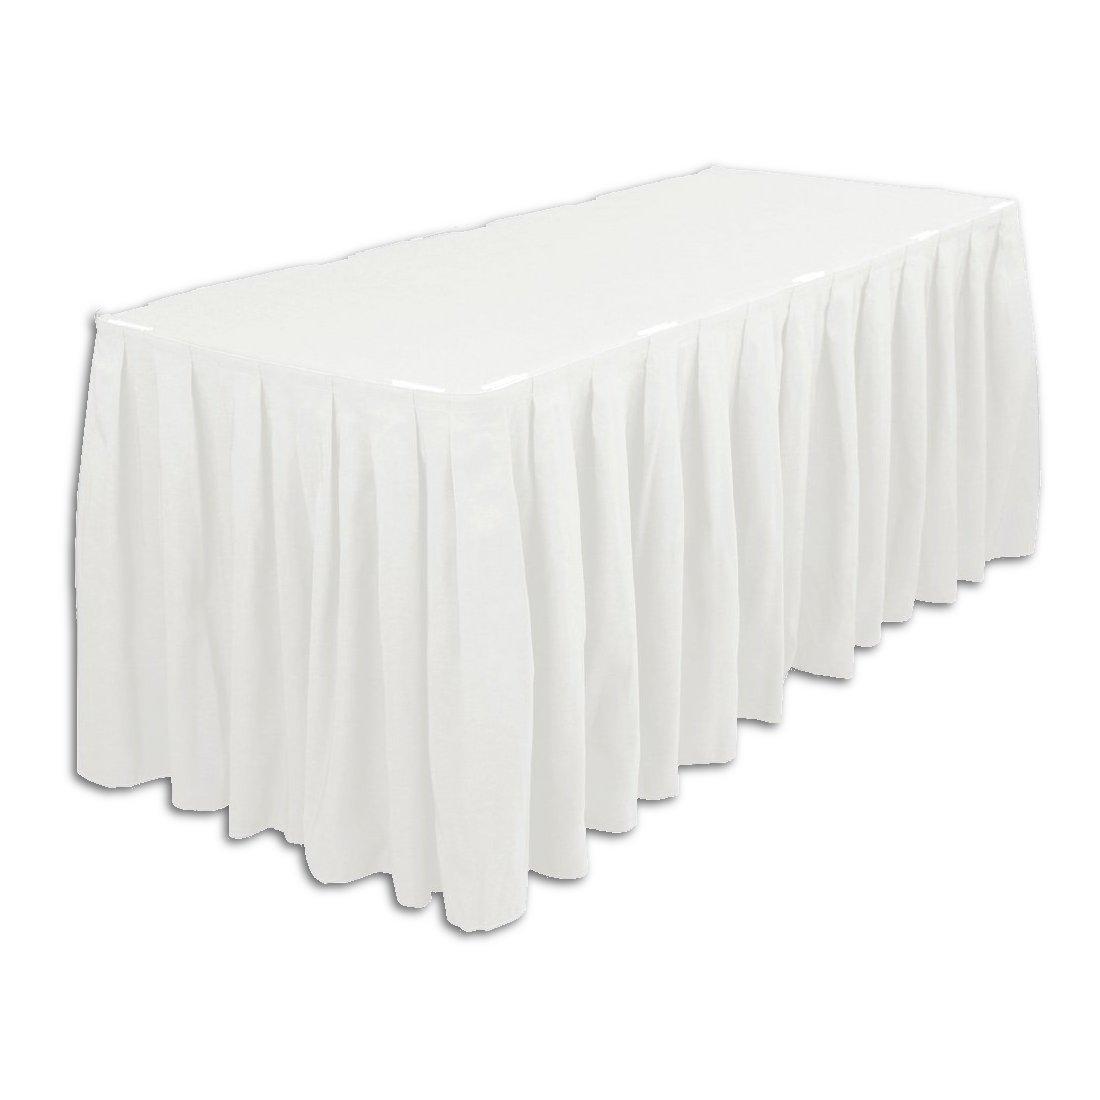 blanco Plastic Table Skirt Skirt Skirt by Party Range  edición limitada en caliente